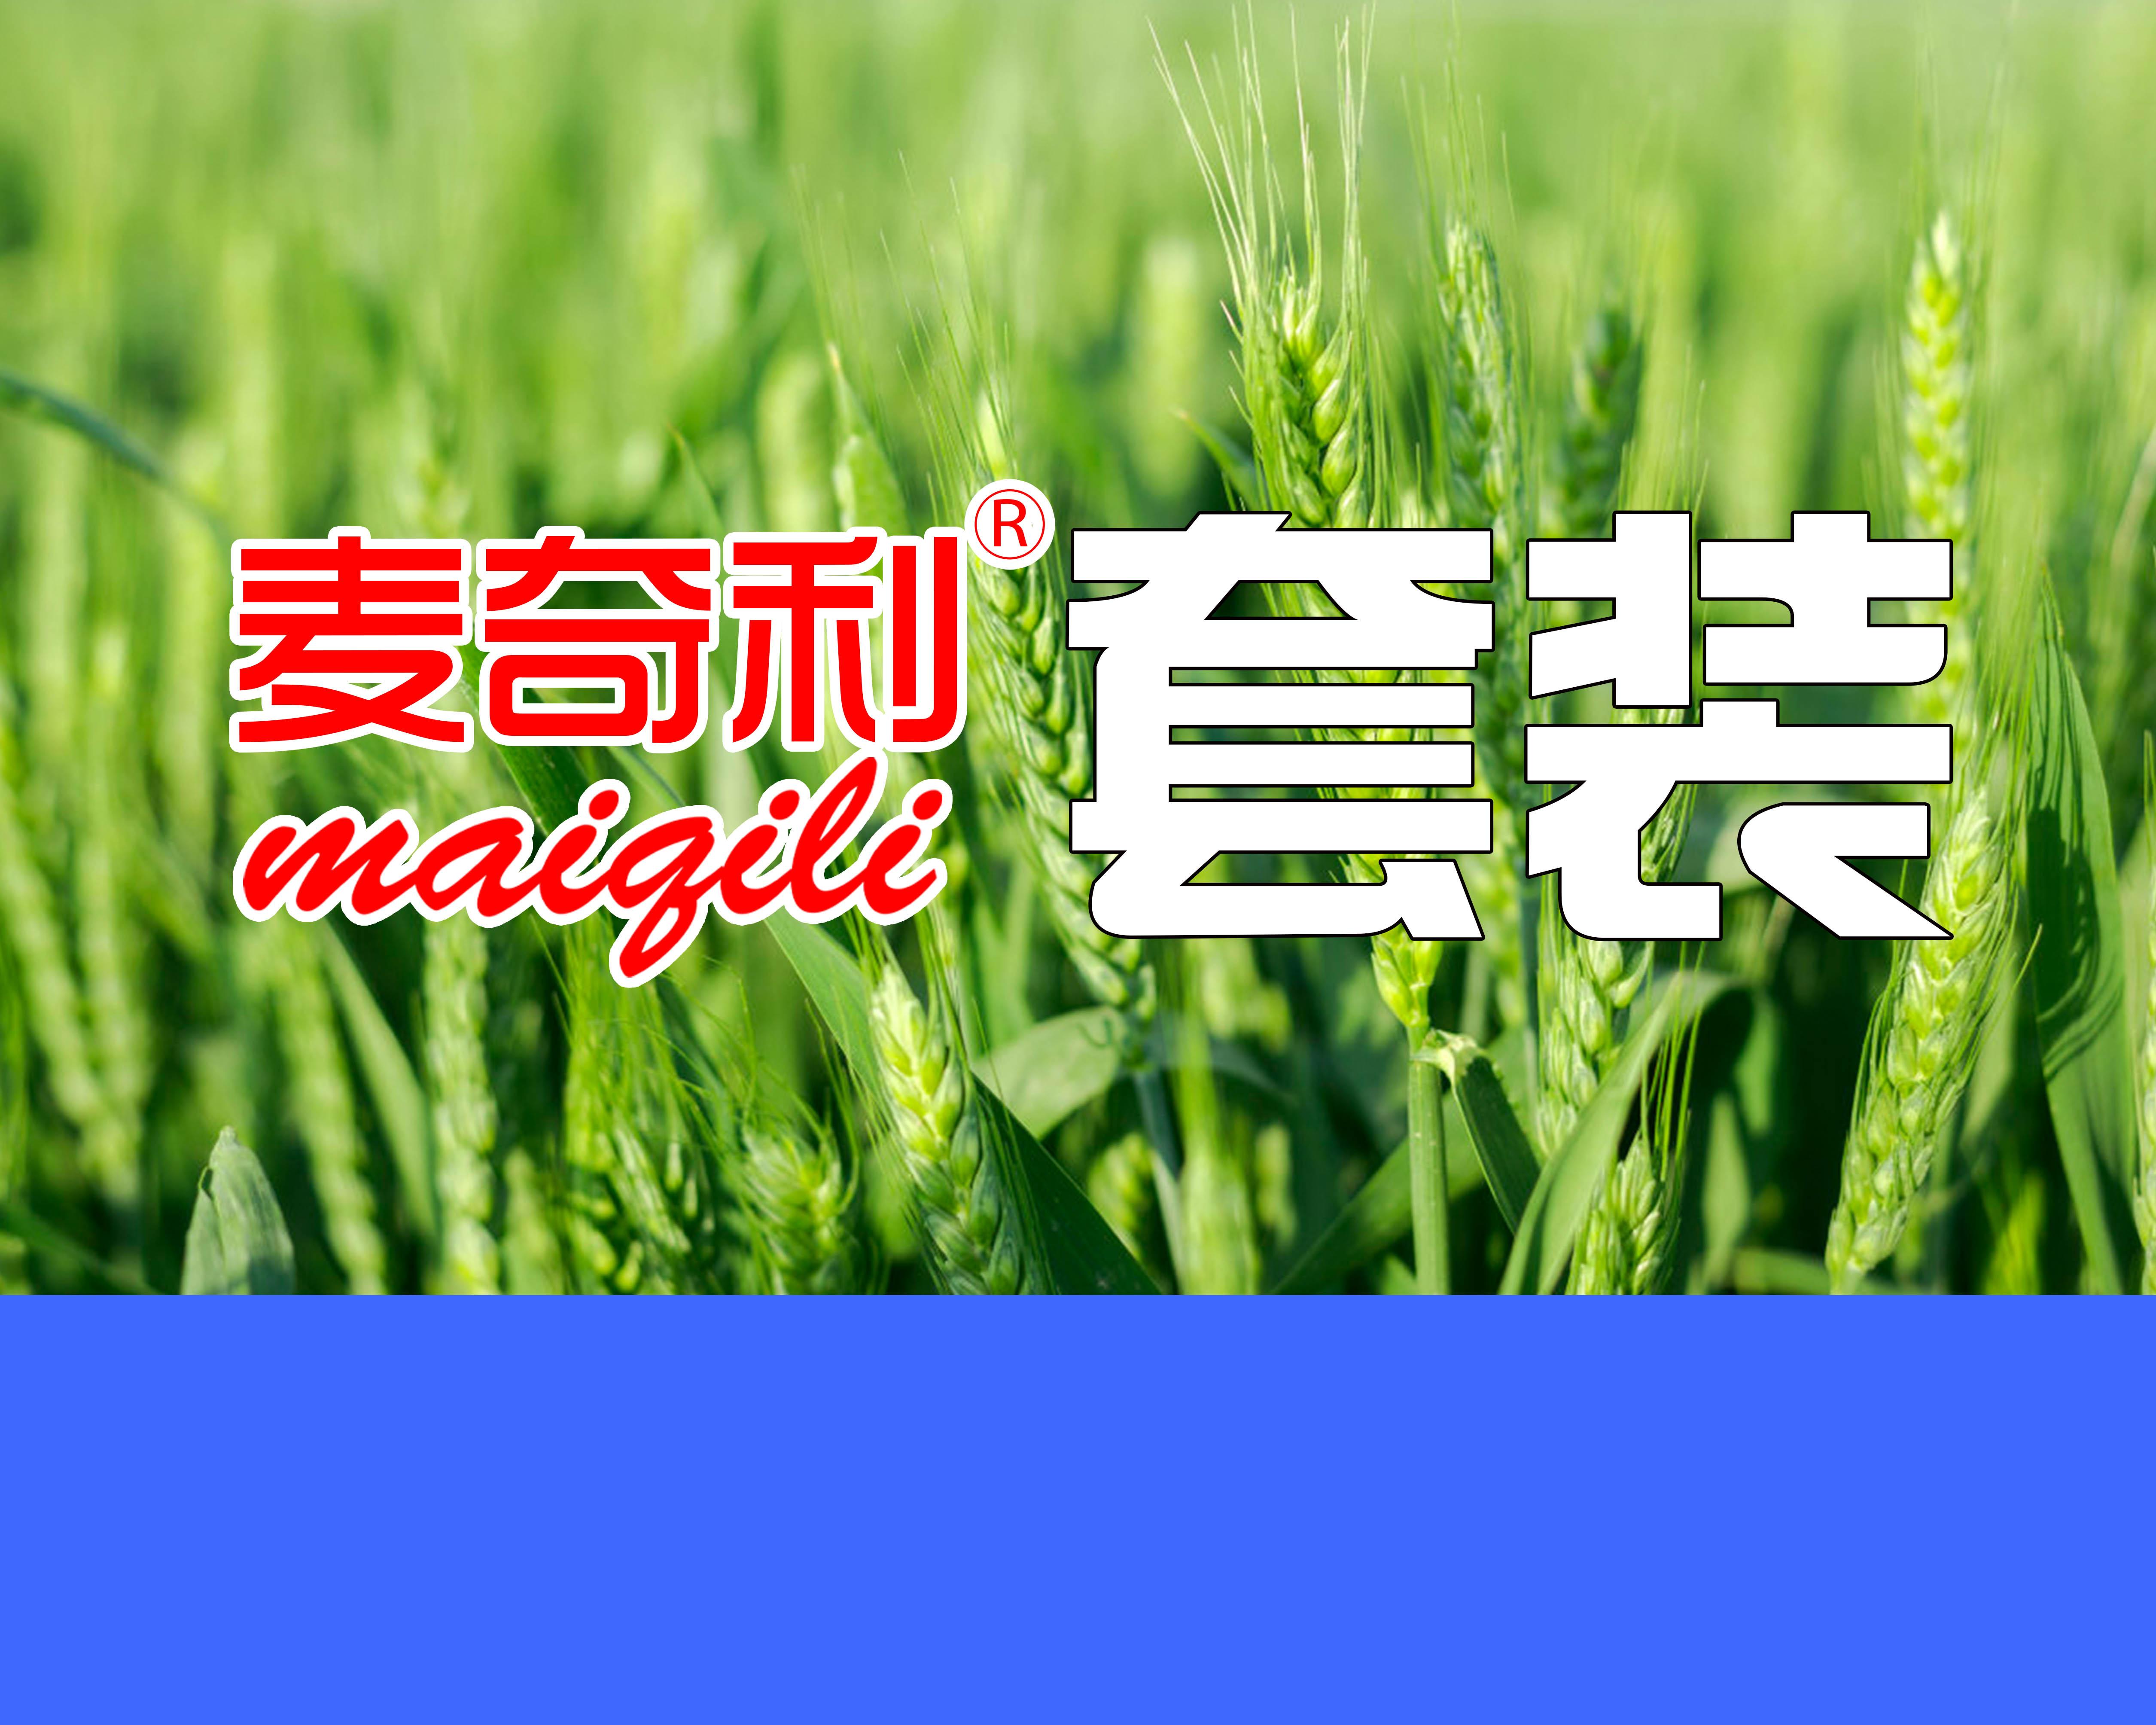 麦奇利套装 —— 小麦丰收的保障